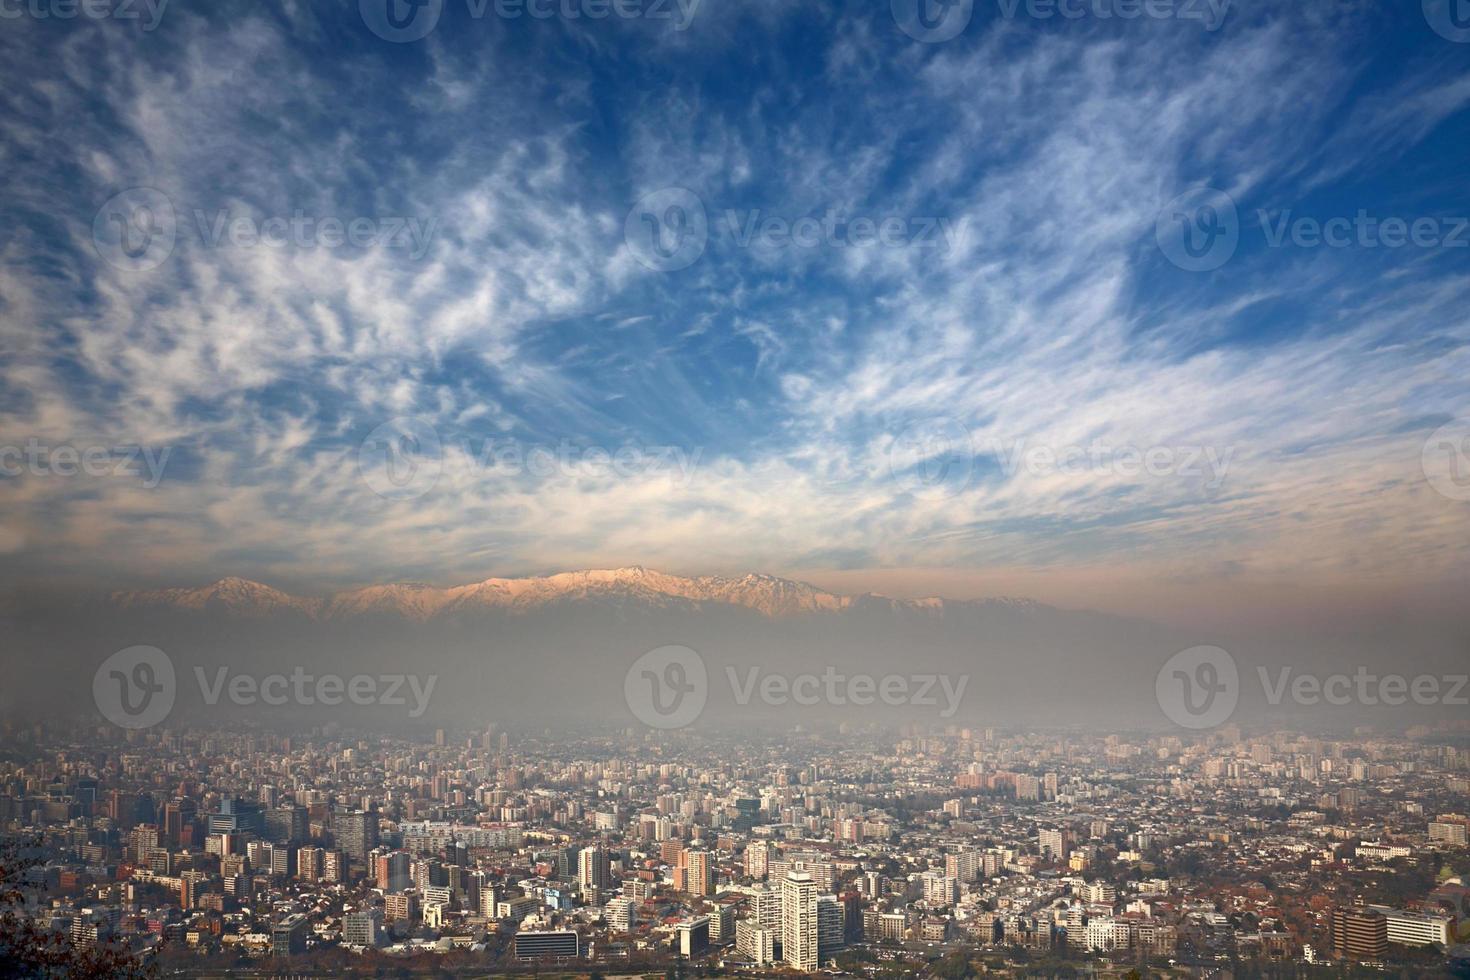 birdeye uitzicht op andes en santiago, chili foto